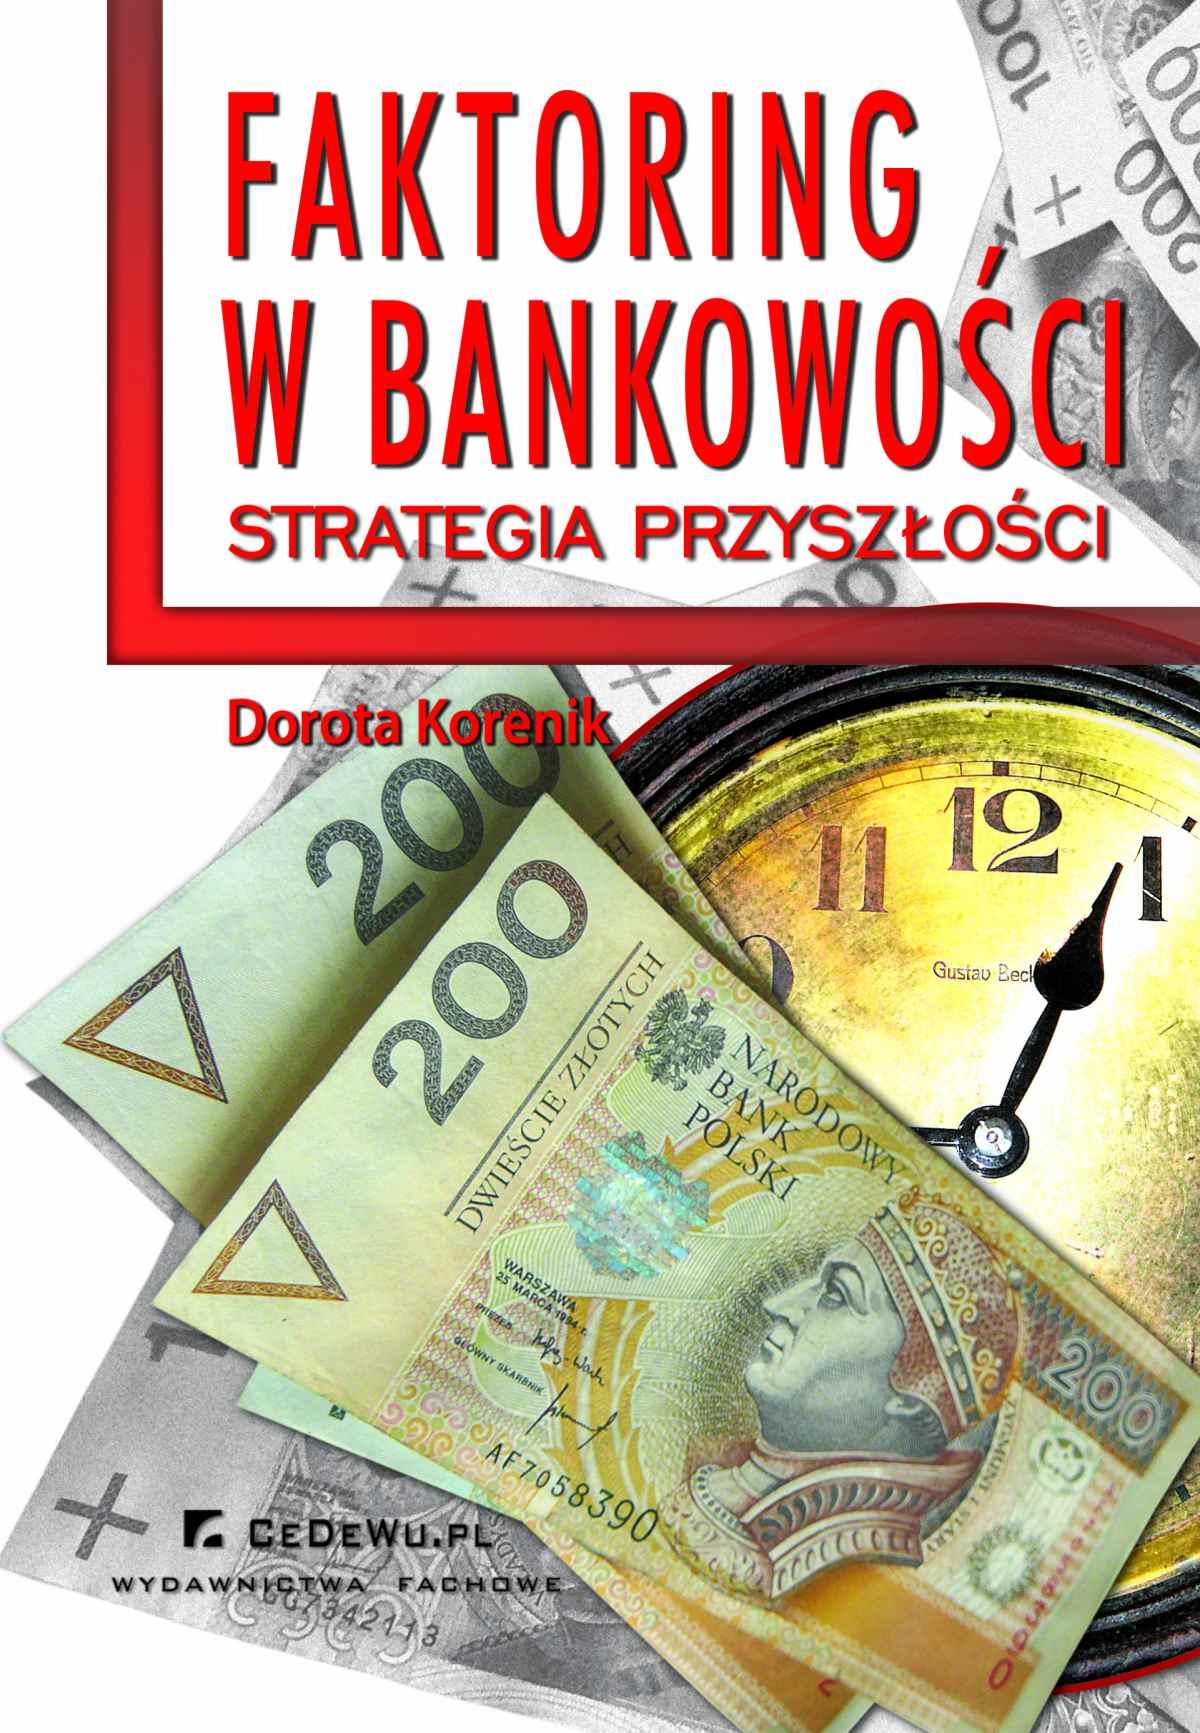 Faktoring w bankowości - strategia przyszłości Rozdział 5. Bankowość lokalna a faktoring w świetle reguł gospodarki przyszłości (opartej na wiedzy i informacji) - Ebook (Książka PDF) do pobrania w formacie PDF